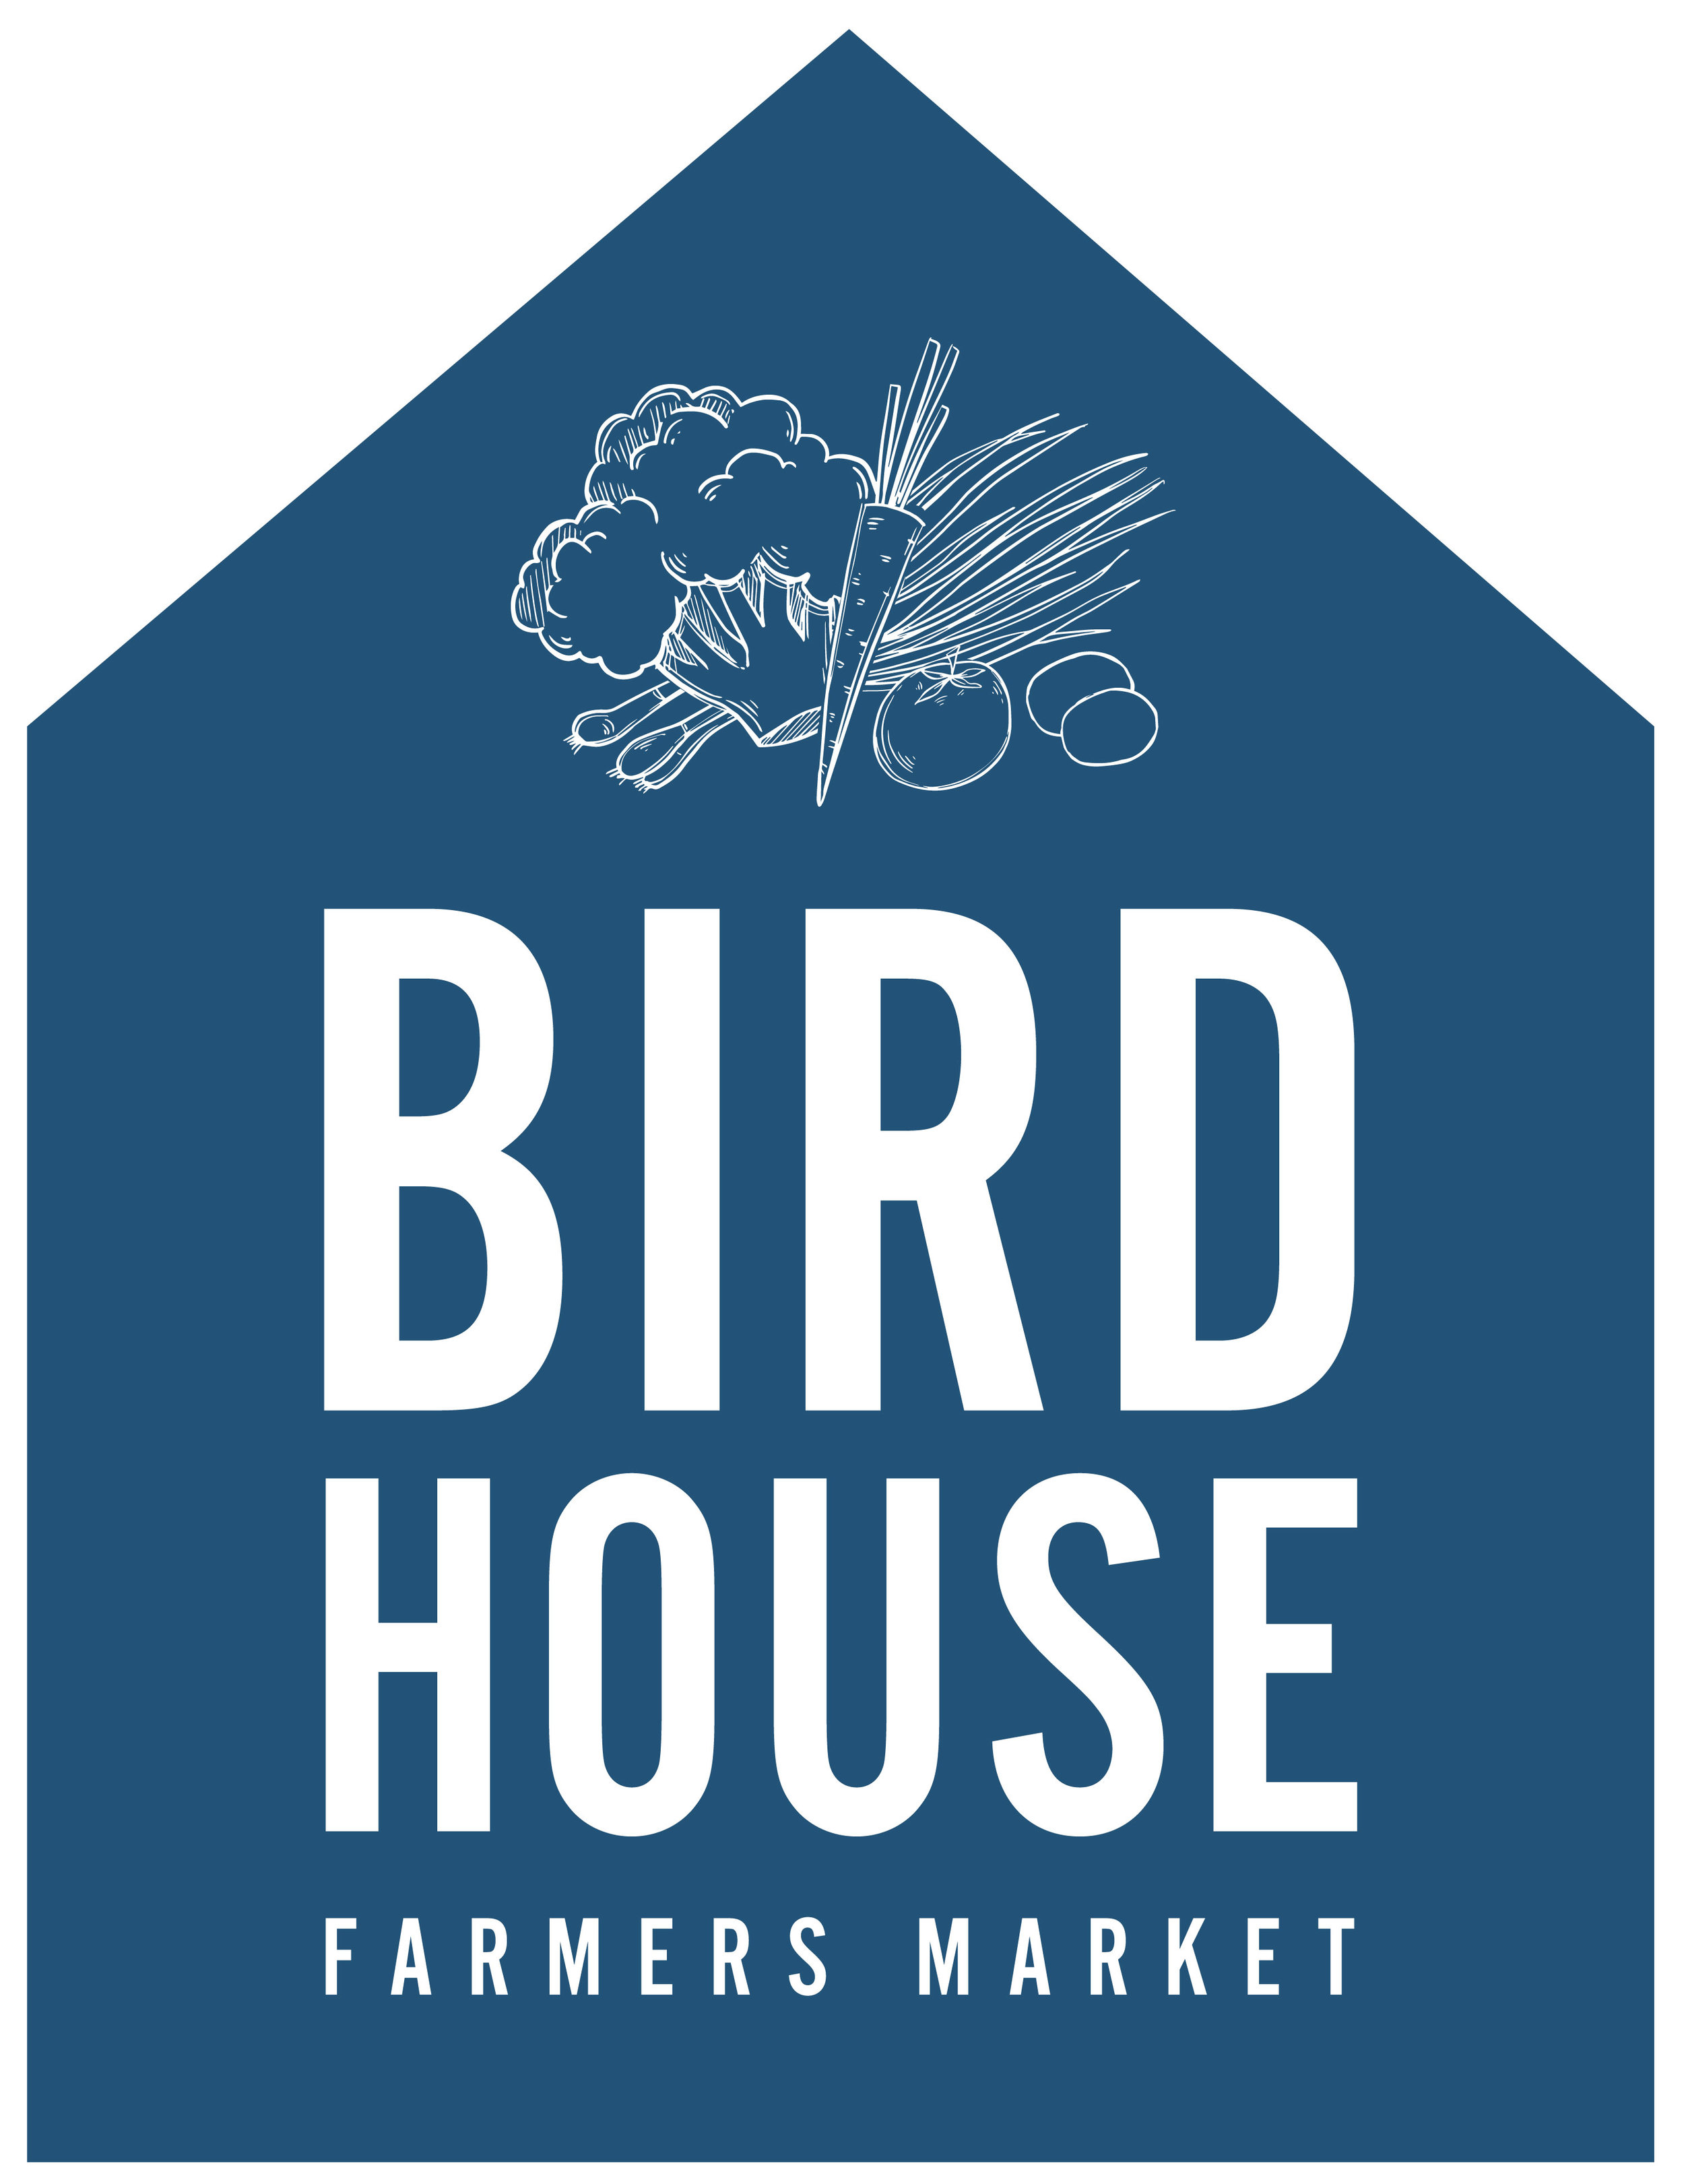 BirdhouseFM_BlueLogo_CMYK.jpg